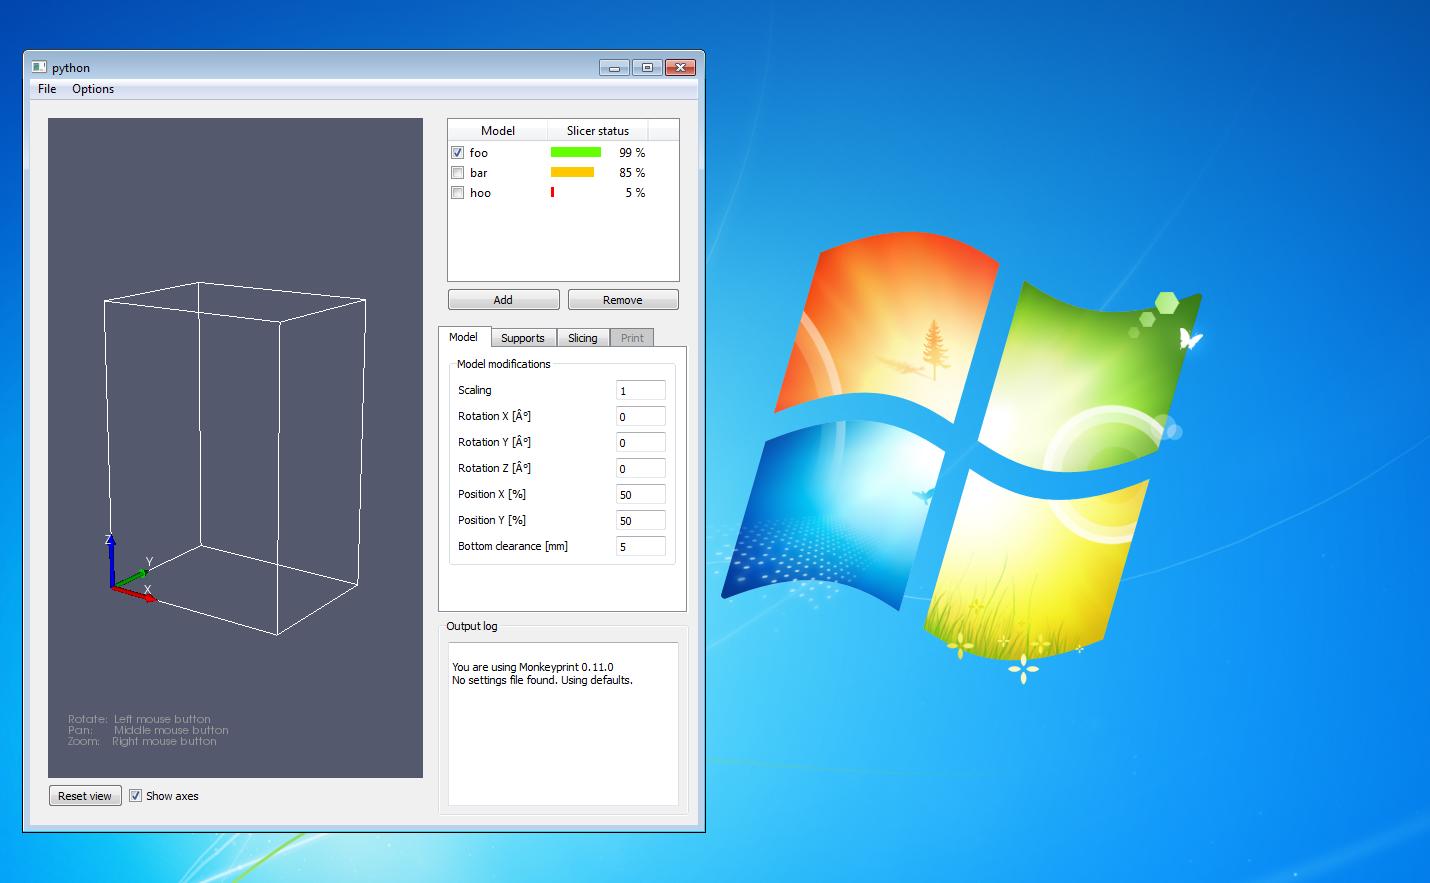 Monkeyprint 3d Dlp Printer Software Development For Windows